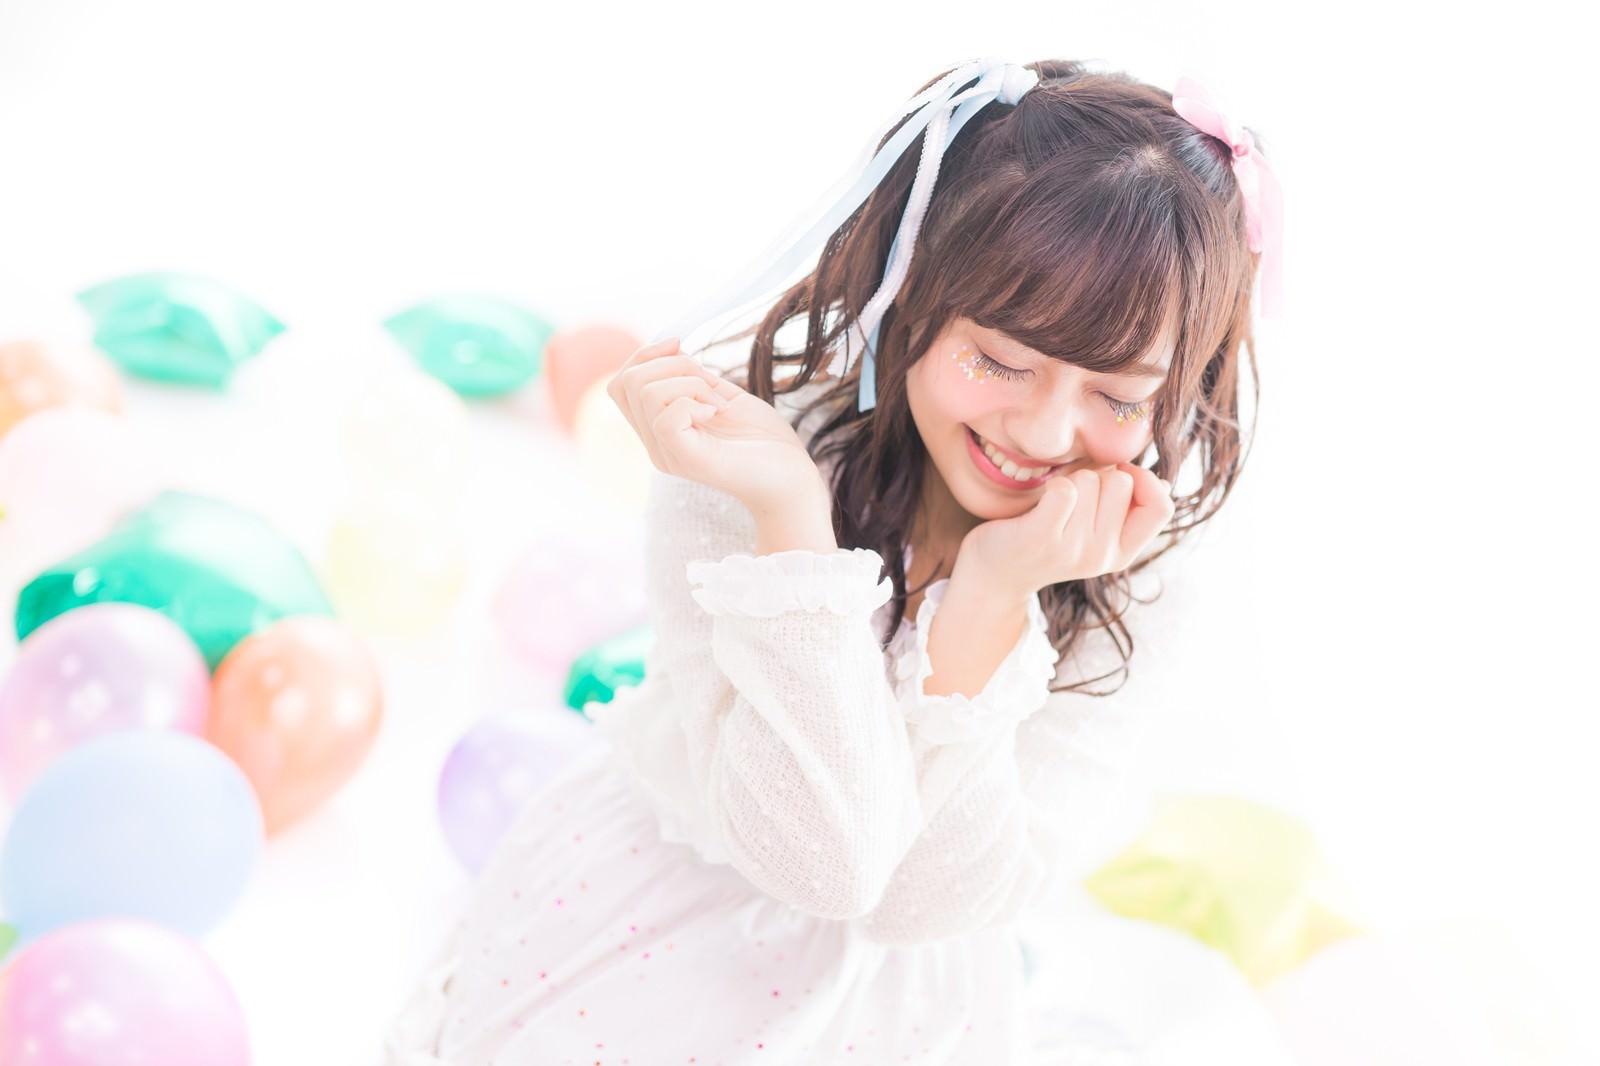 Yuka-Kawamura-Free-Stock-Photo-Idol-08.jpg